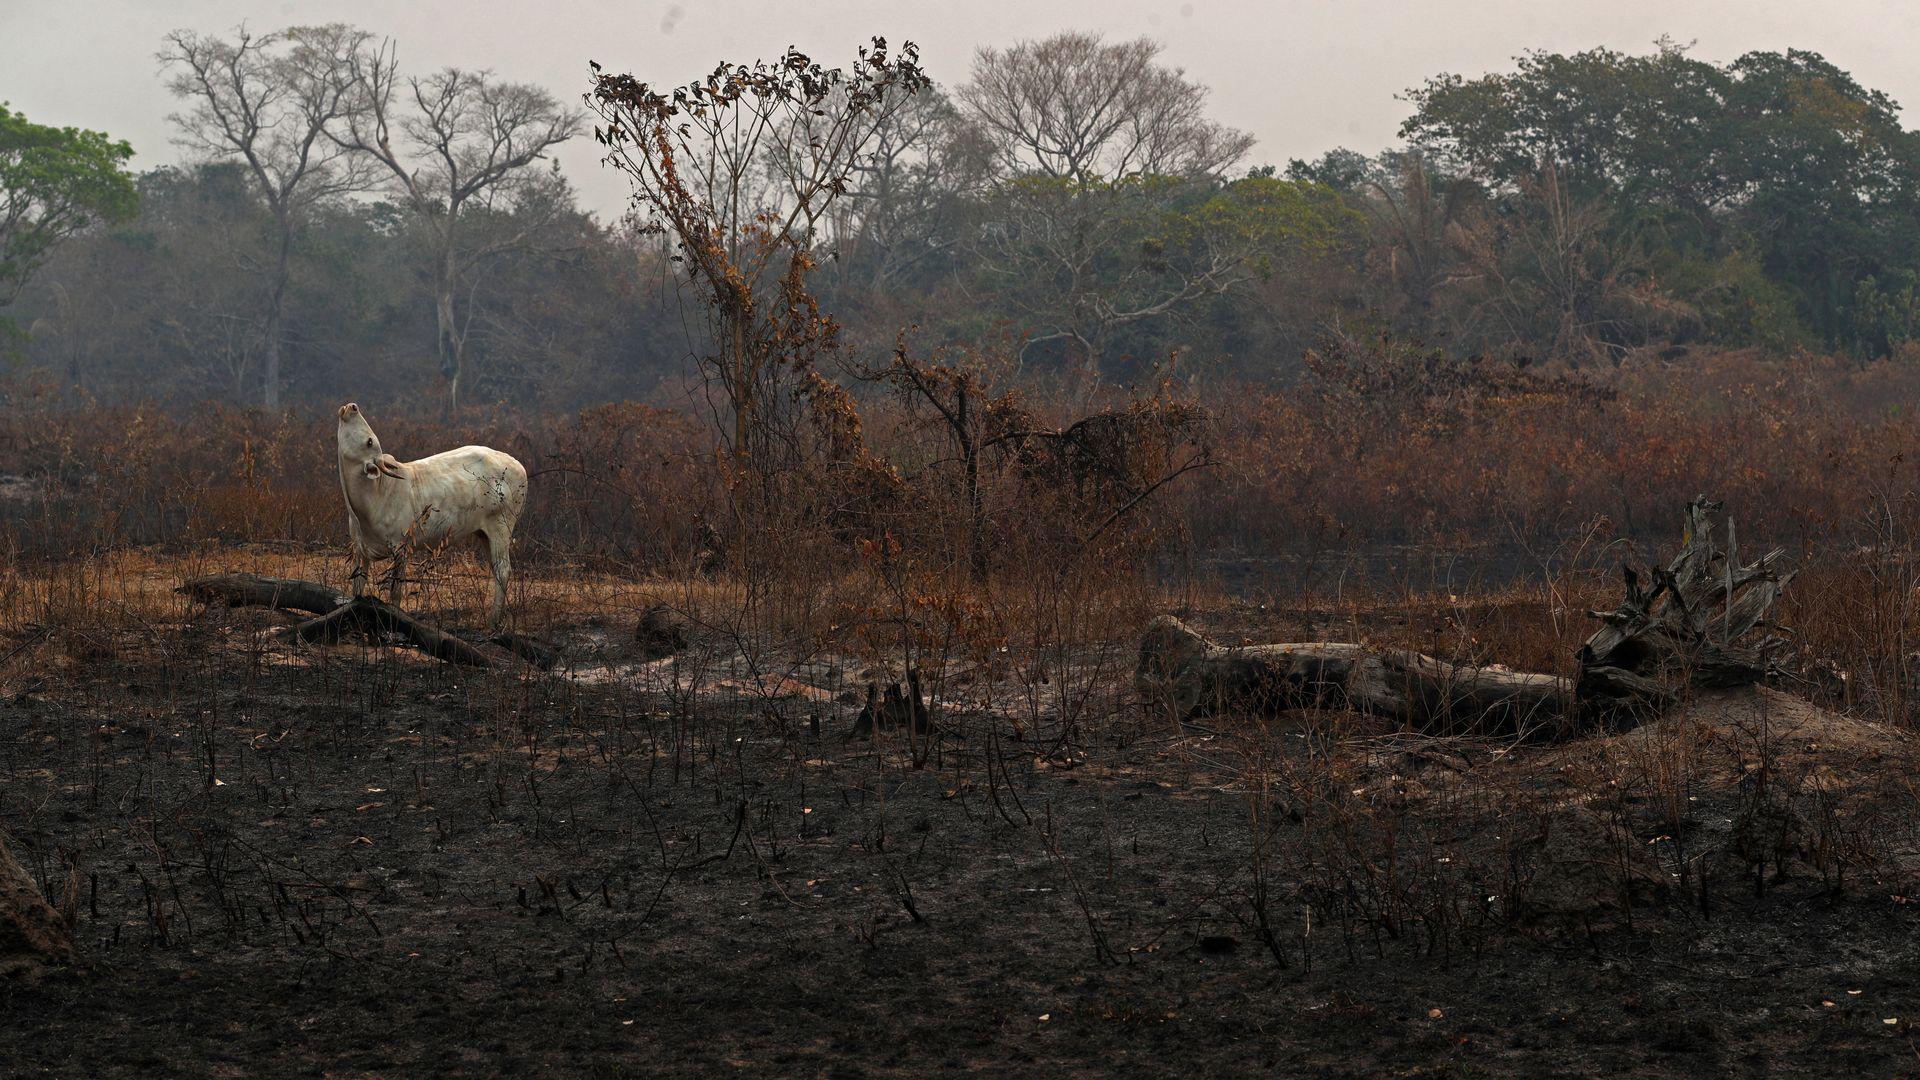 Uma vaca se encontra em uma área que foi queimada em um incêndio em uma fazenda no Pantanal, a maior área úmida do mundo, em Pocone, estado de Mato Grosso, Brasil, 27 de agosto de 2020. REUTERS / Amanda Perobelli PROCURE